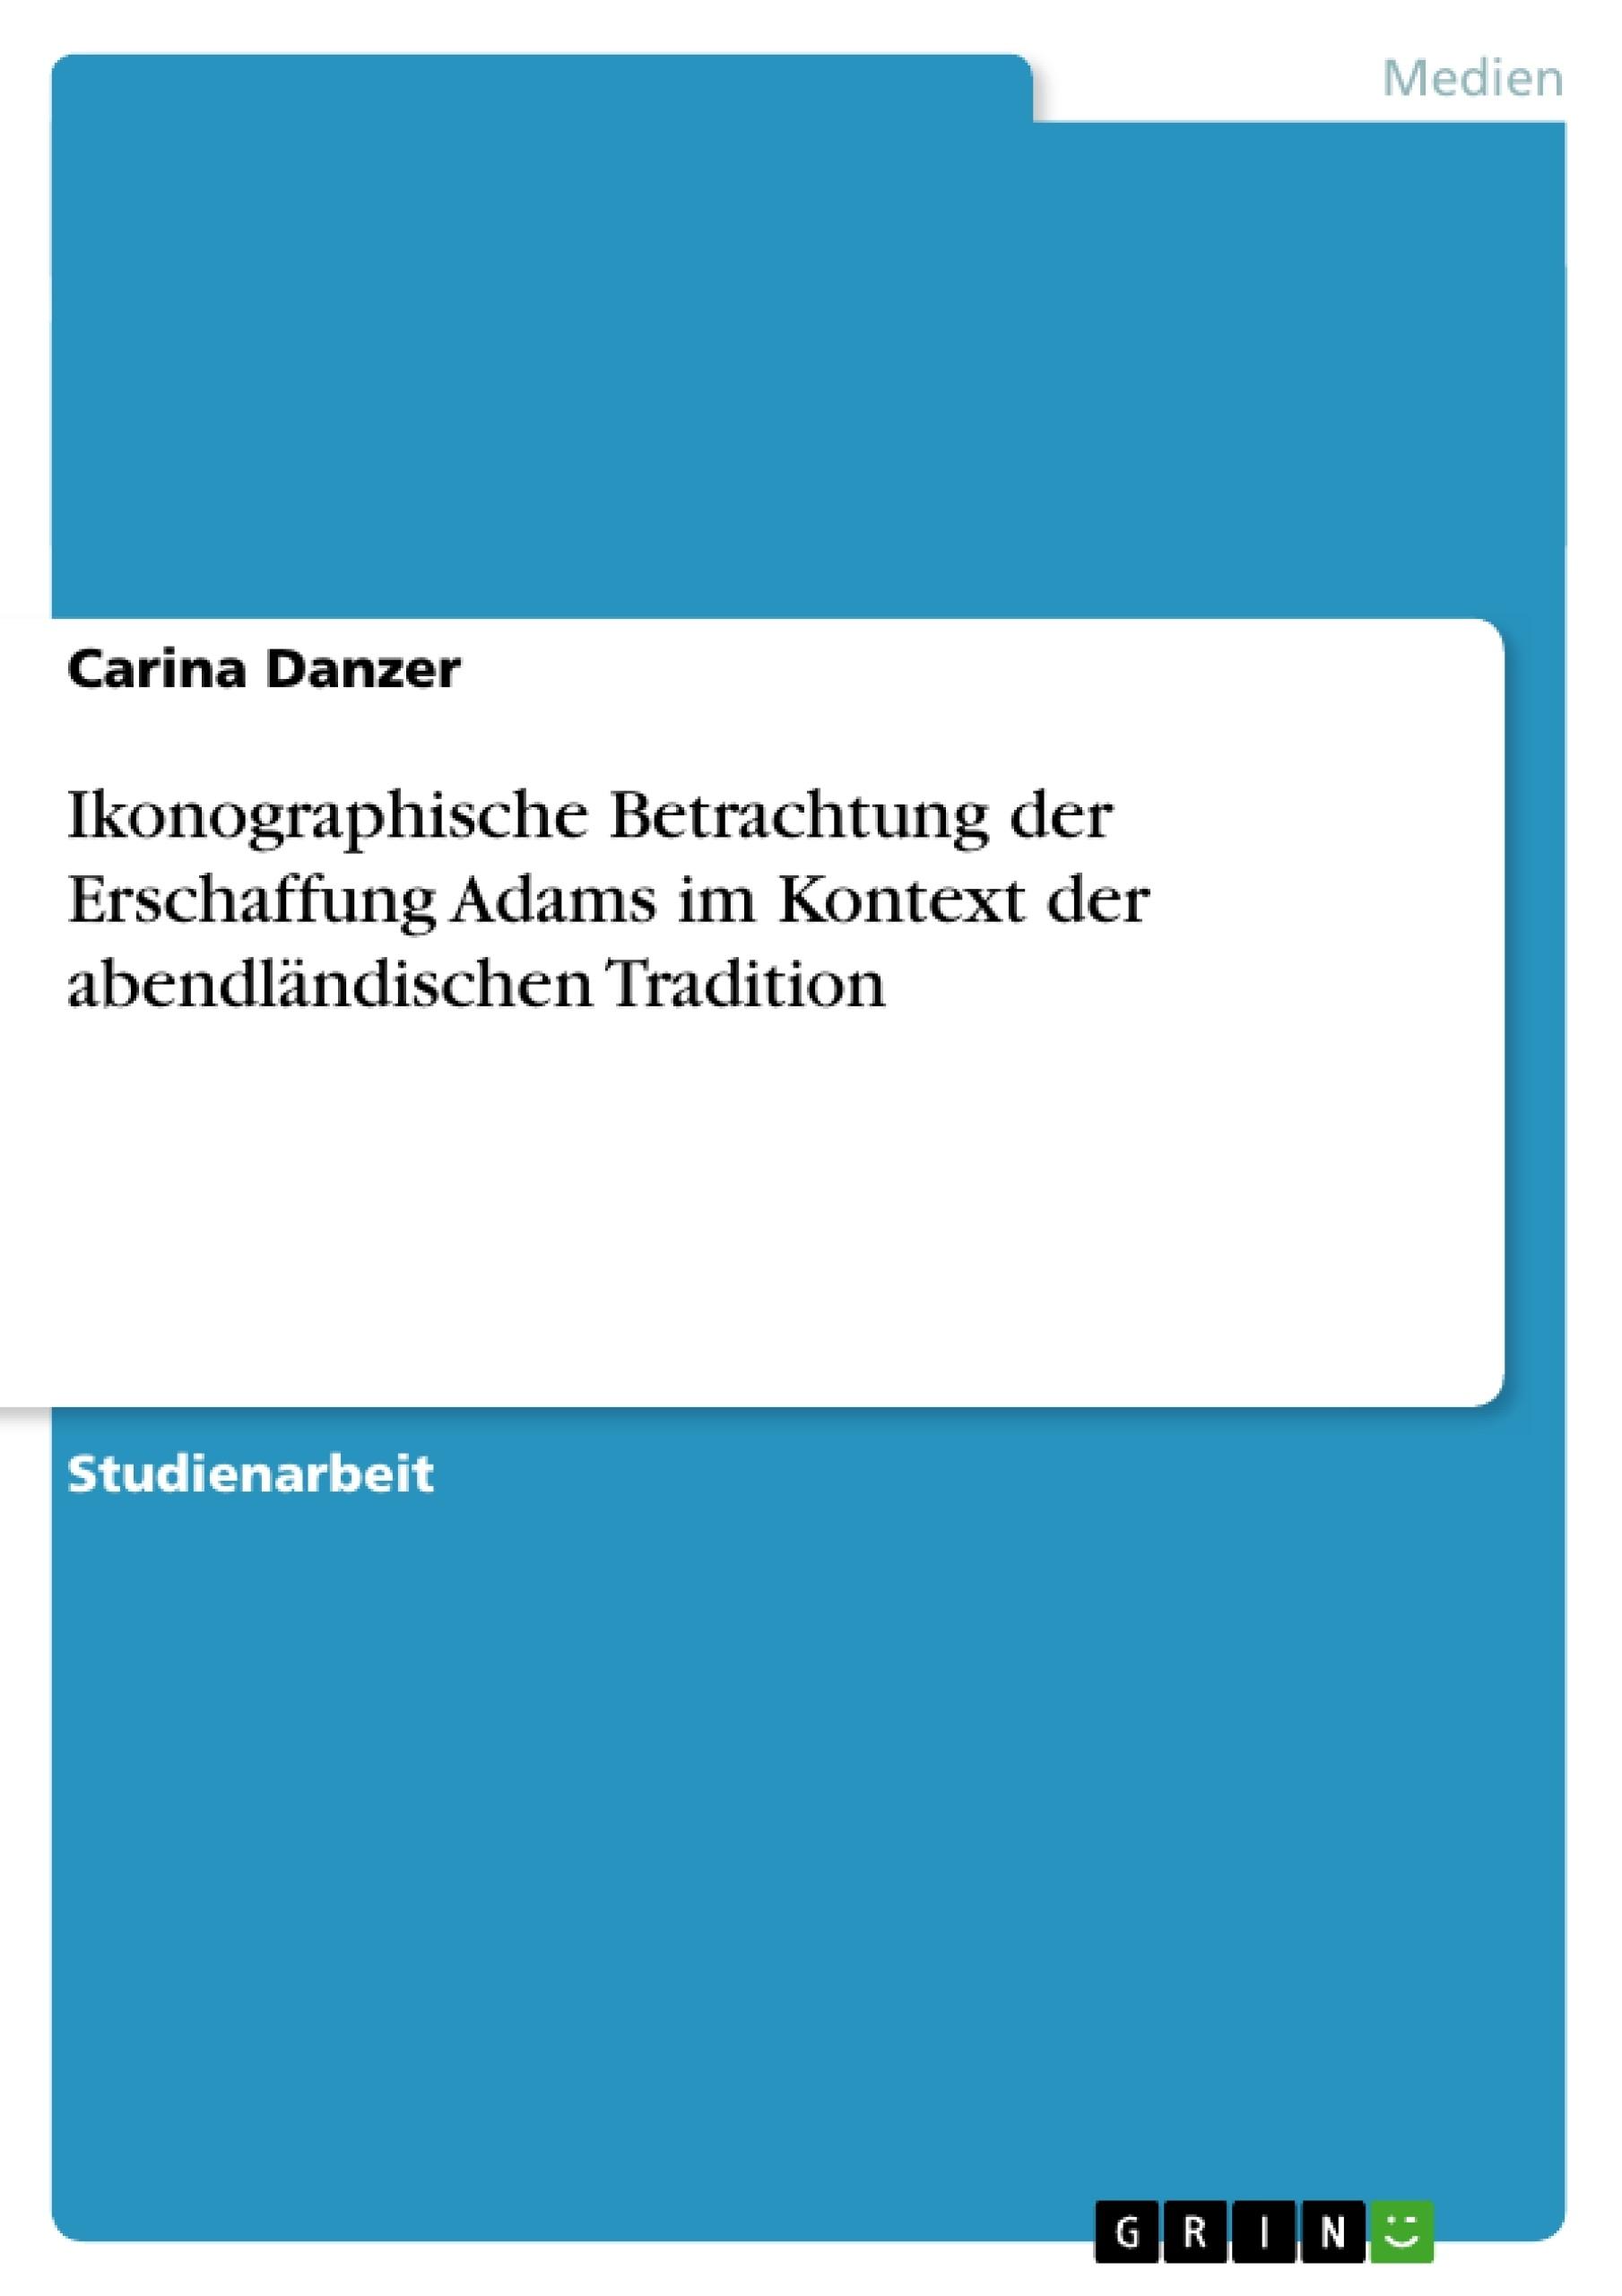 Titel: Ikonographische Betrachtung der Erschaffung Adams im Kontext der abendländischen Tradition